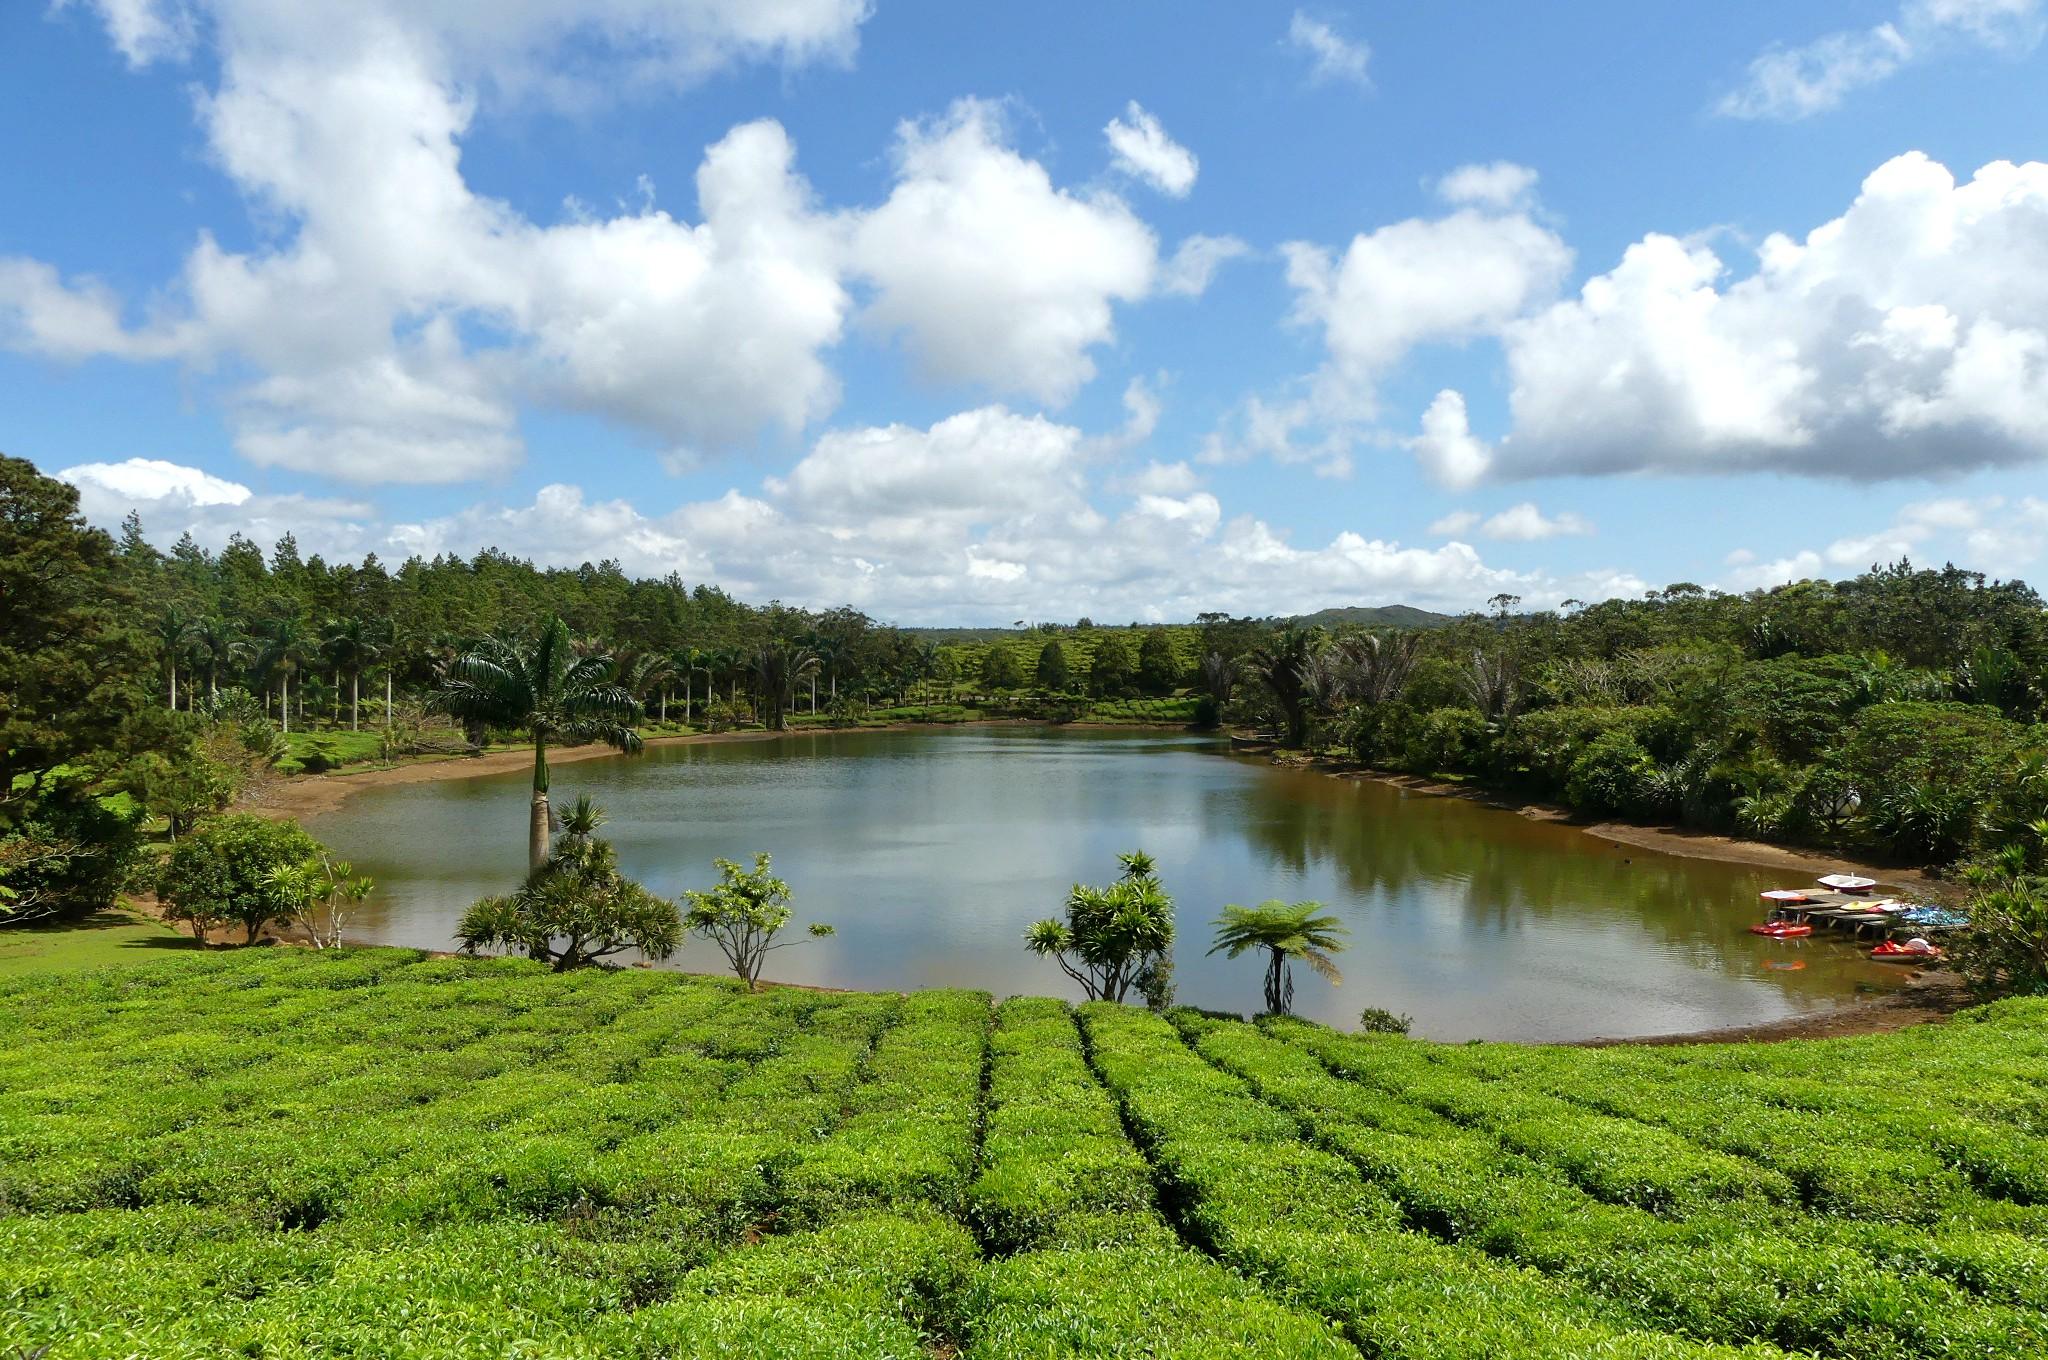 Teeplantage Bois Cheri